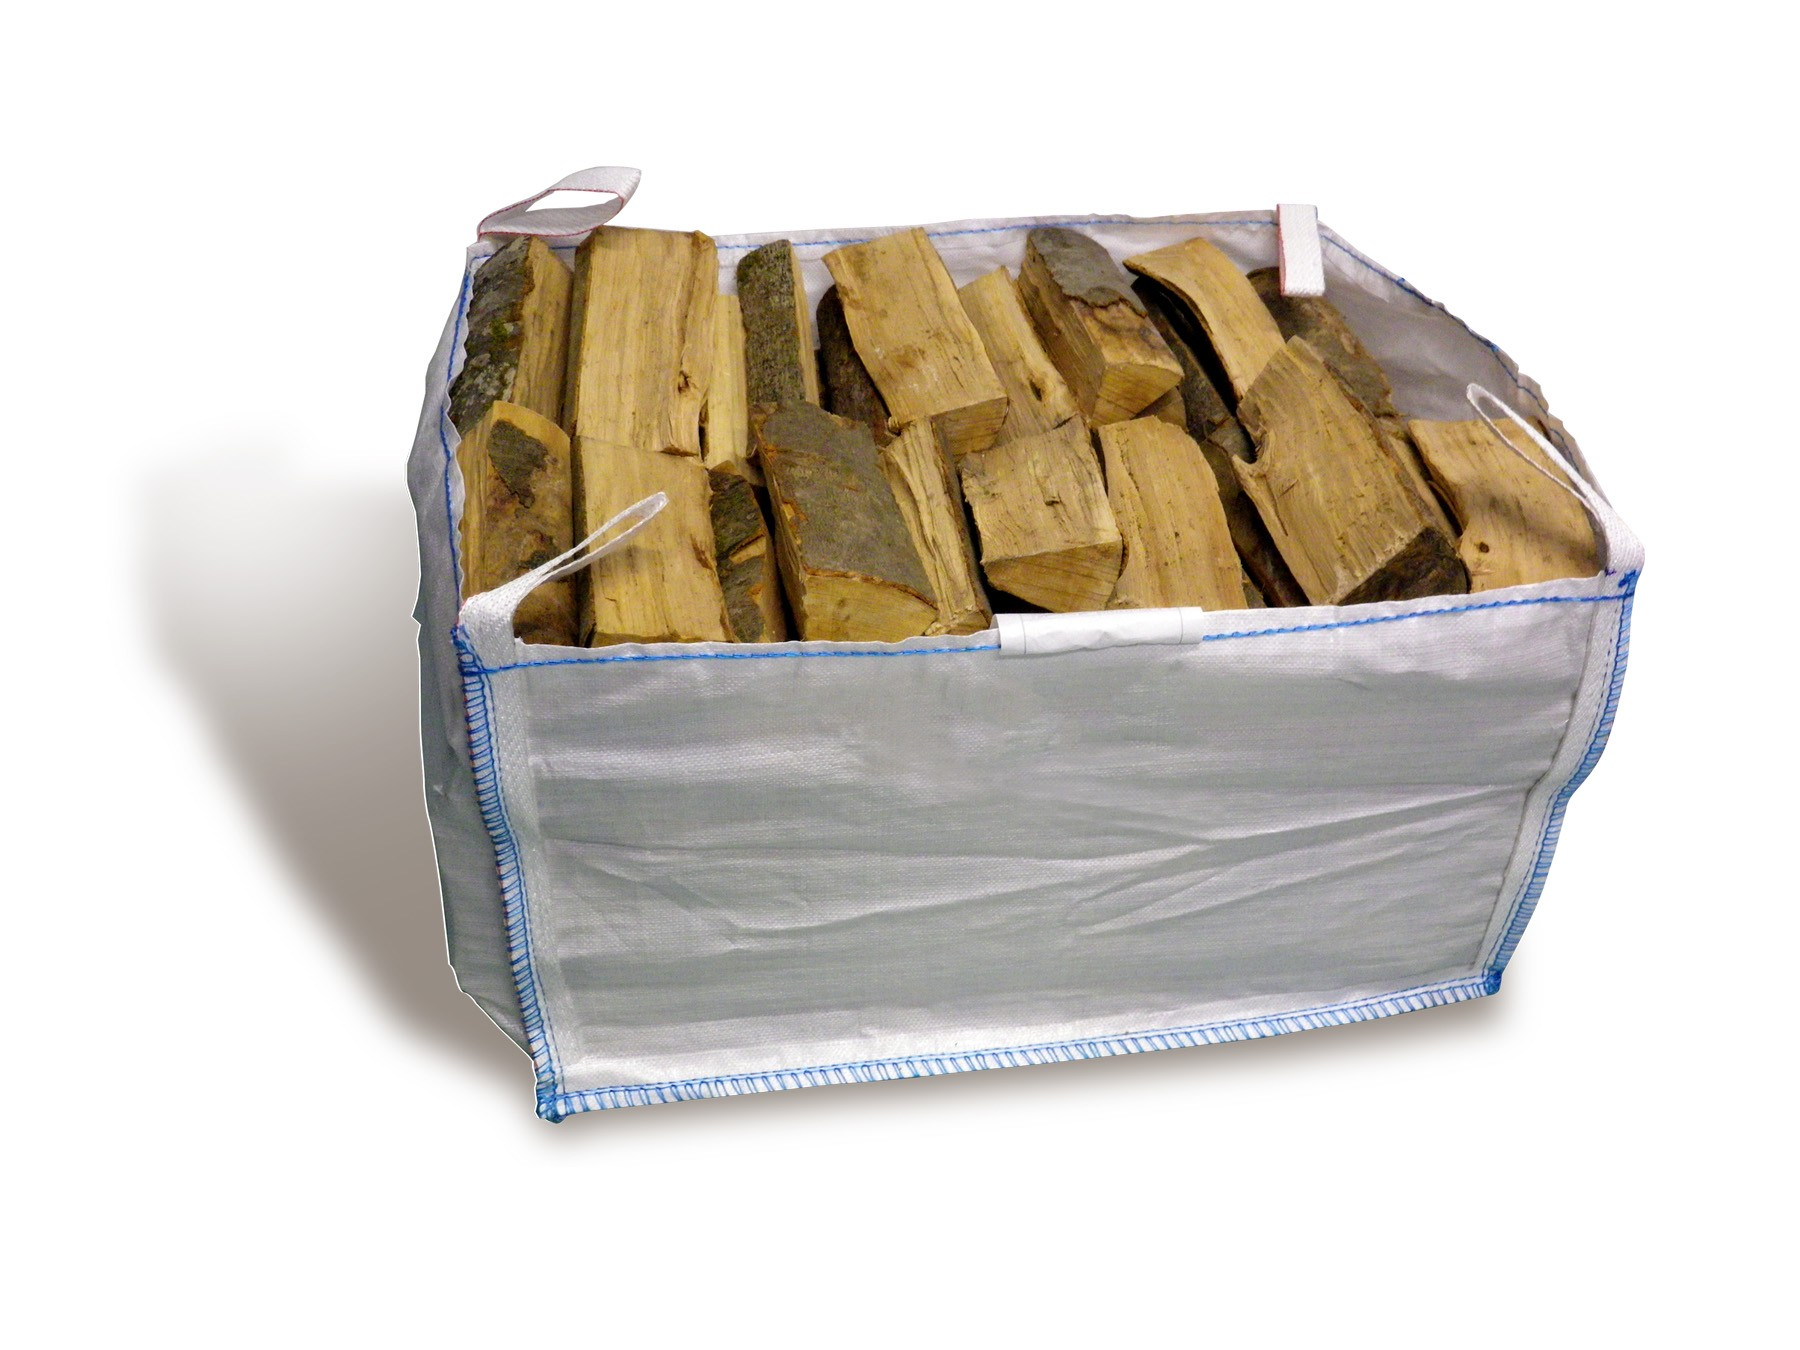 achat vente sac de coffre pour livraison de bois de chauffage cr pito. Black Bedroom Furniture Sets. Home Design Ideas